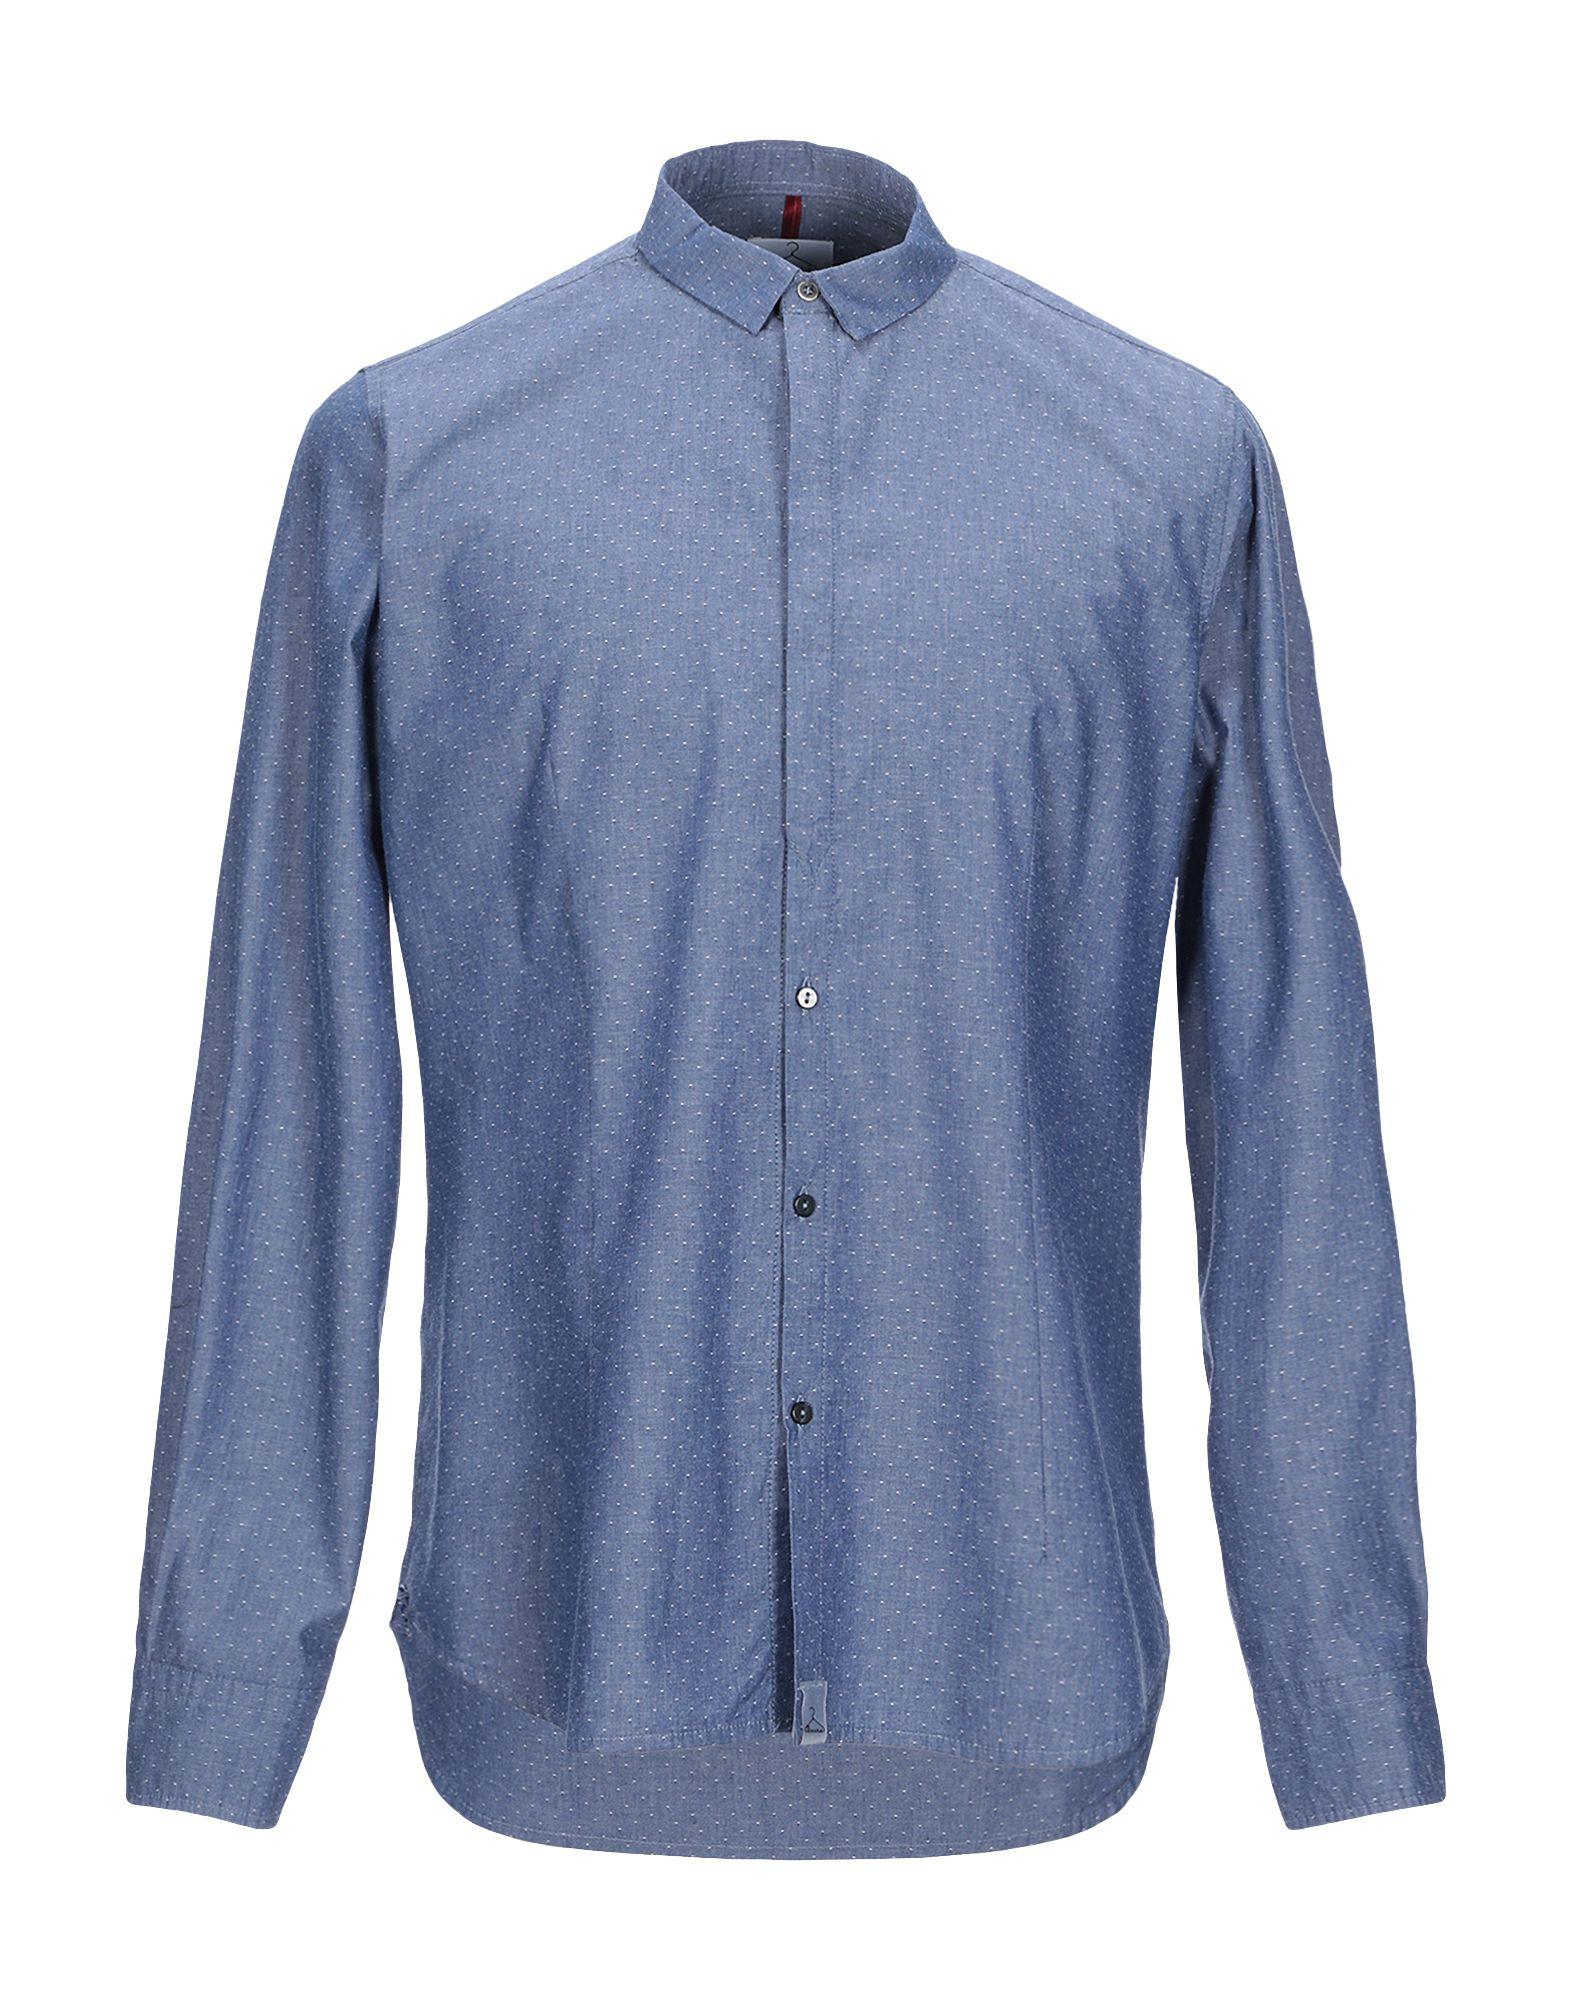 《期間限定セール中》BERNA メンズ シャツ ブルー L コットン 100%